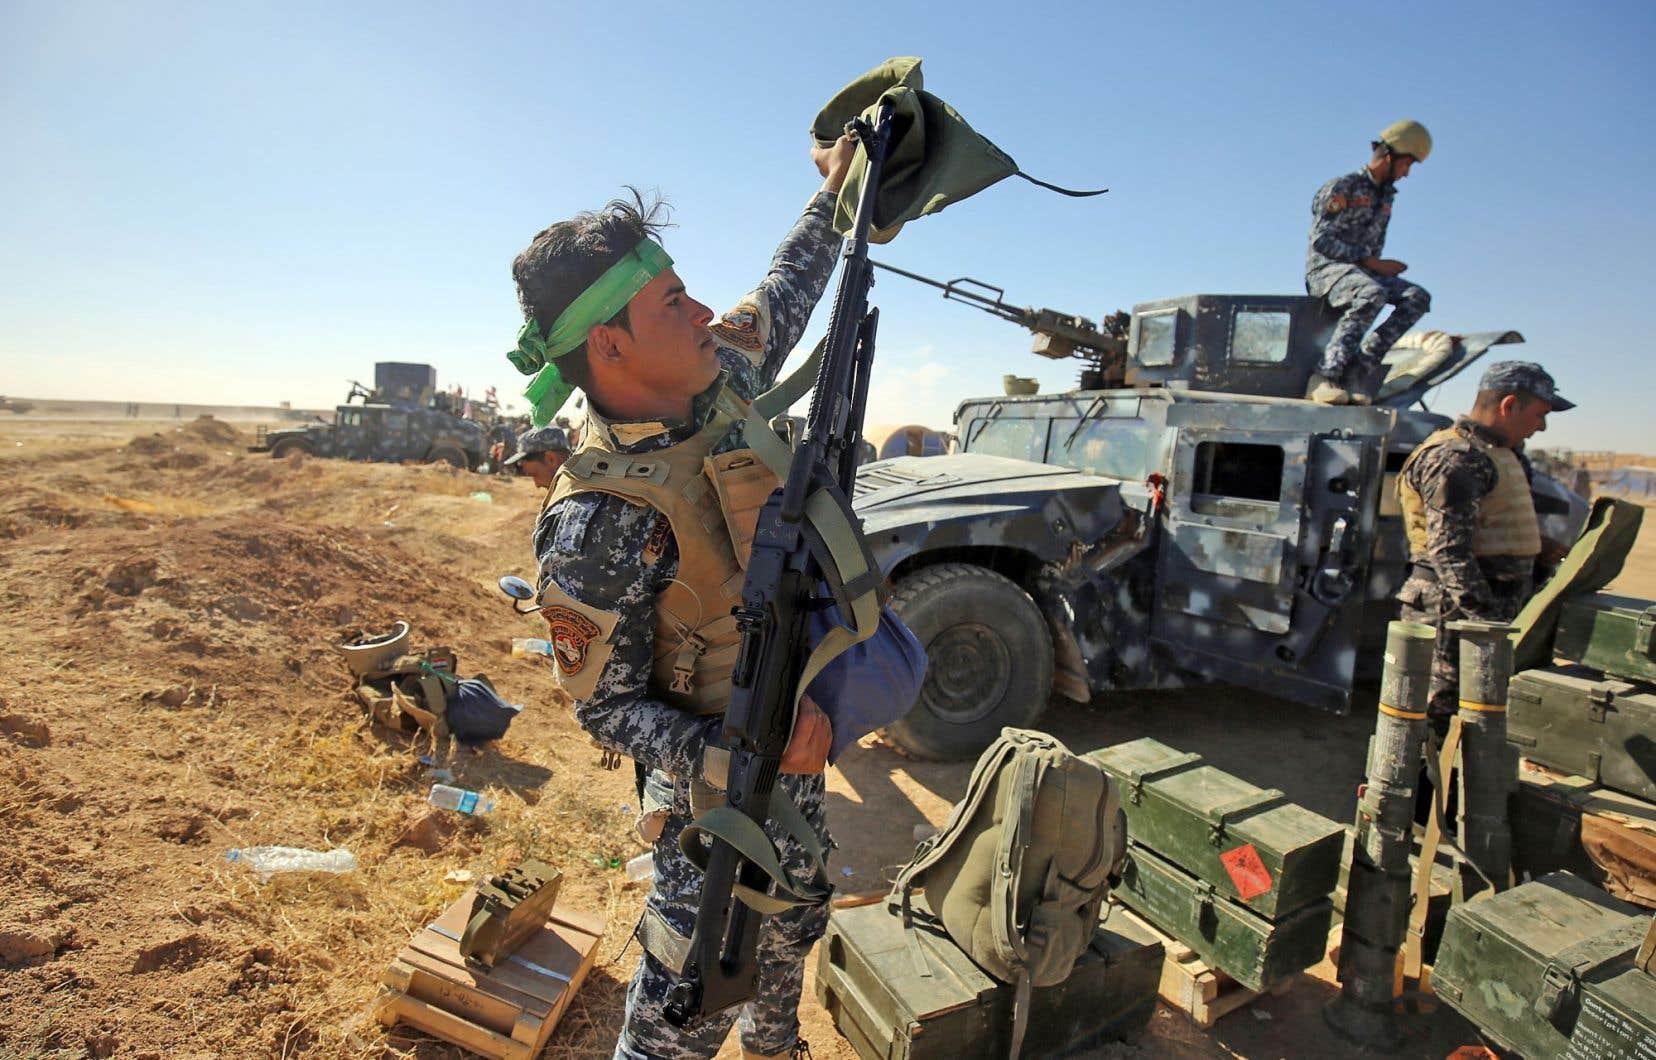 Un membre des forces policières irakiennes se préparait dimanche à l'opération pour la reprise de Mossoul à la base militaire de Qayyarah, située à 60 kilomètres de là.